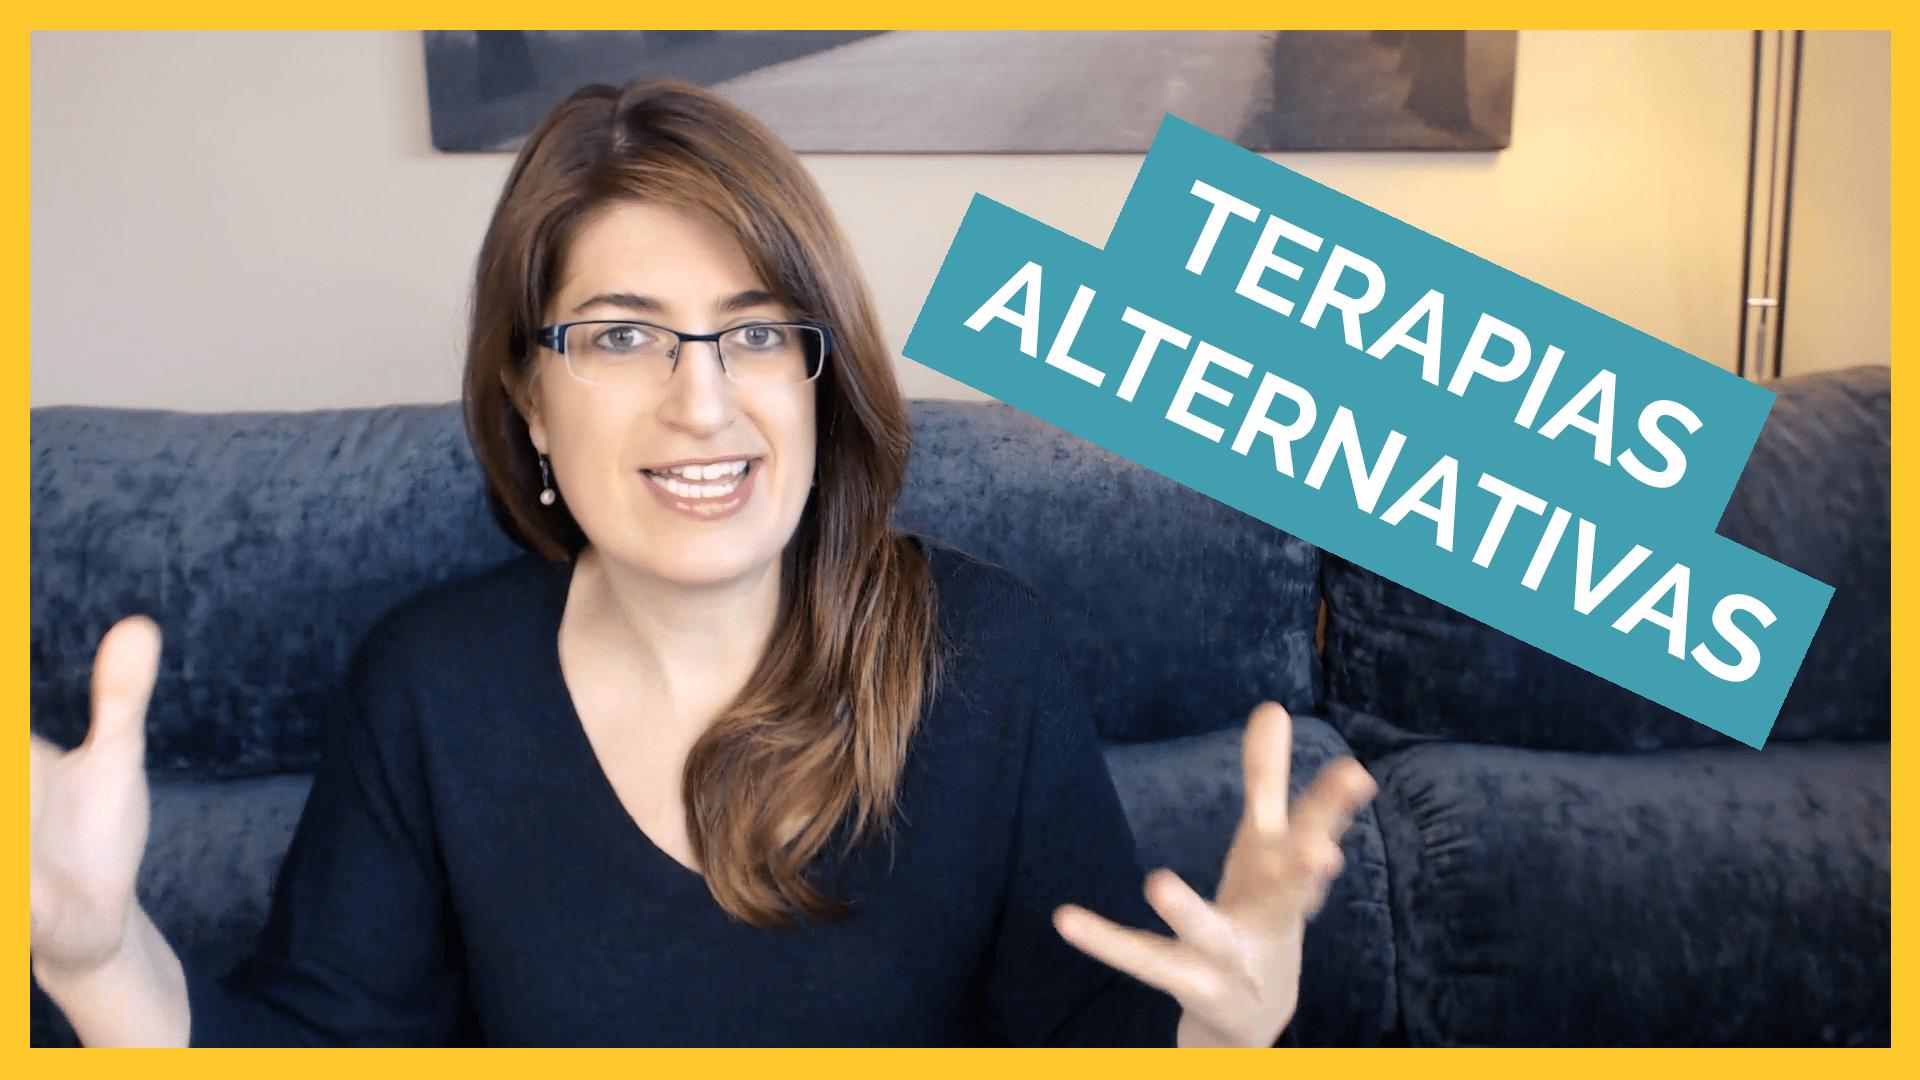 Cómo vender terapias alternativas o energéticas